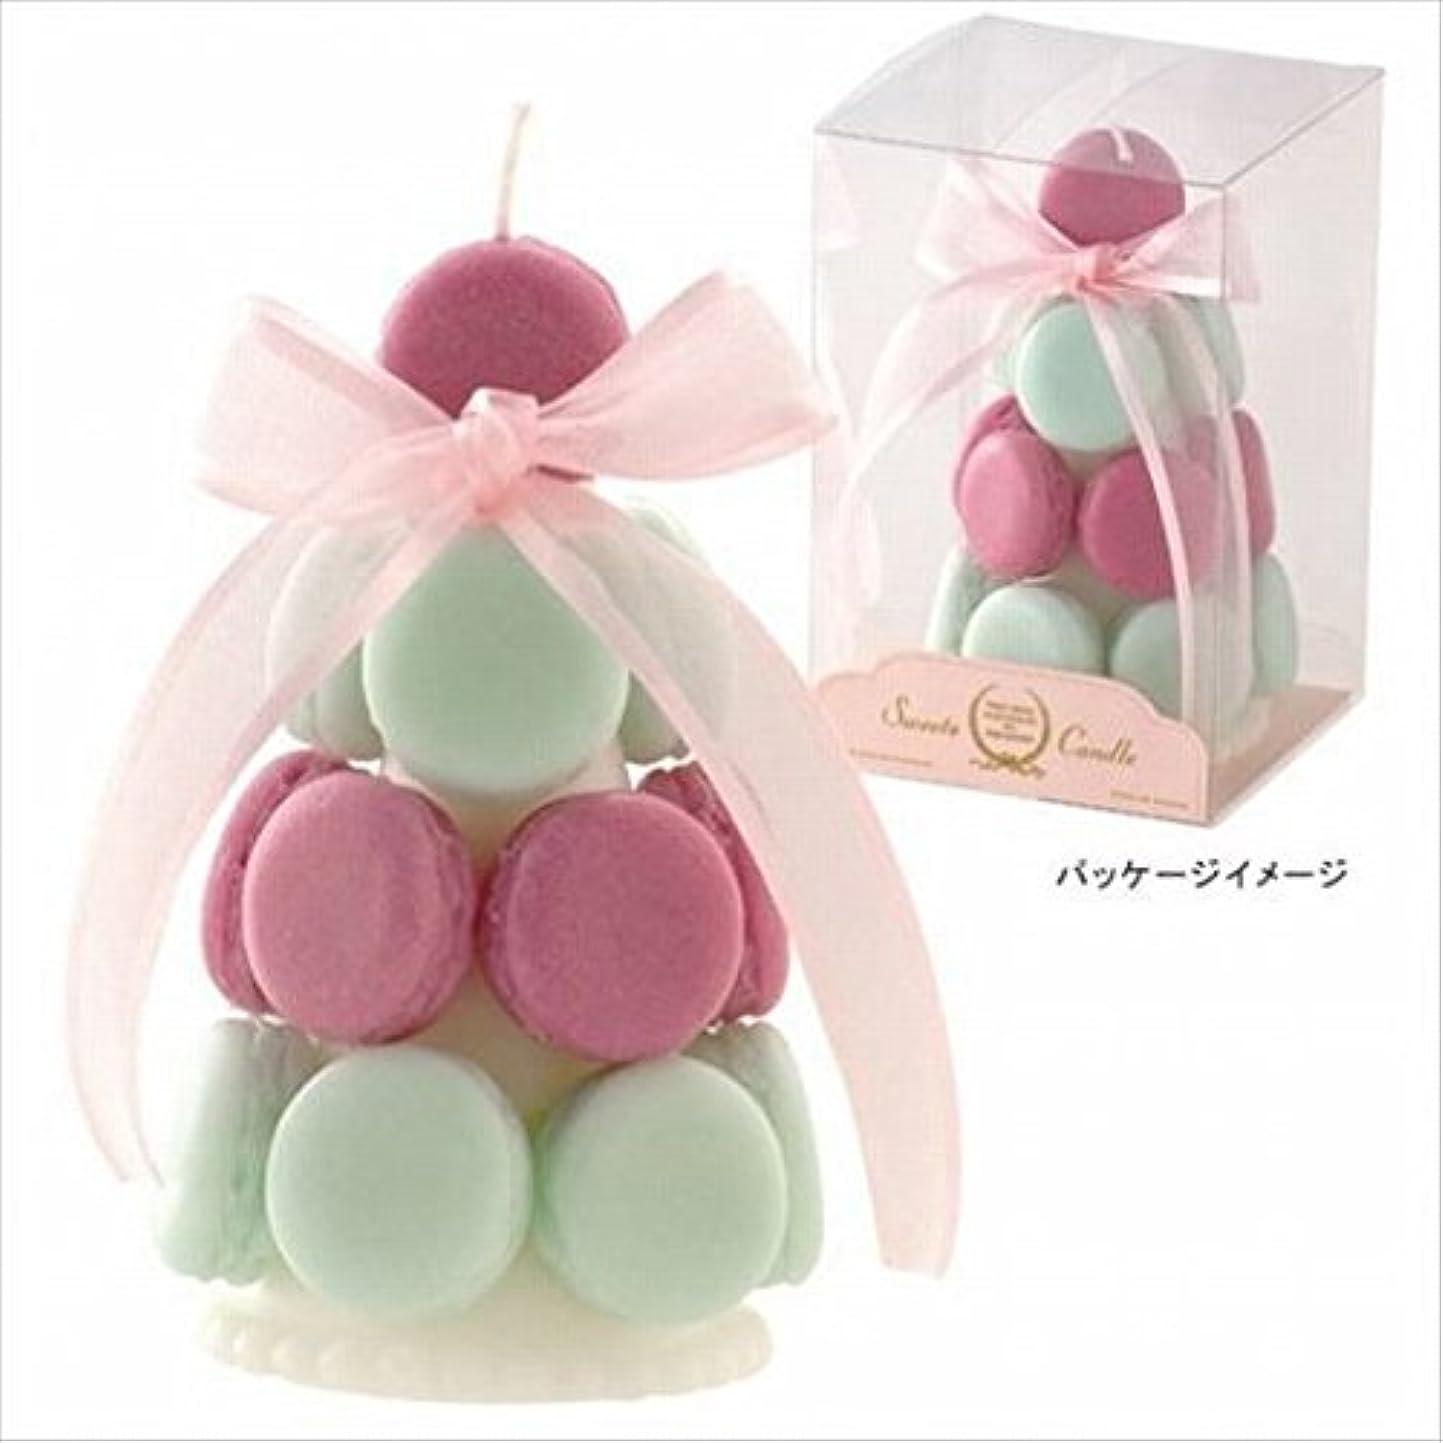 舗装する人気の真実にkameyama candle(カメヤマキャンドル) ハッピーマカロンタワー 「 メロングリーン 」(A4580520)